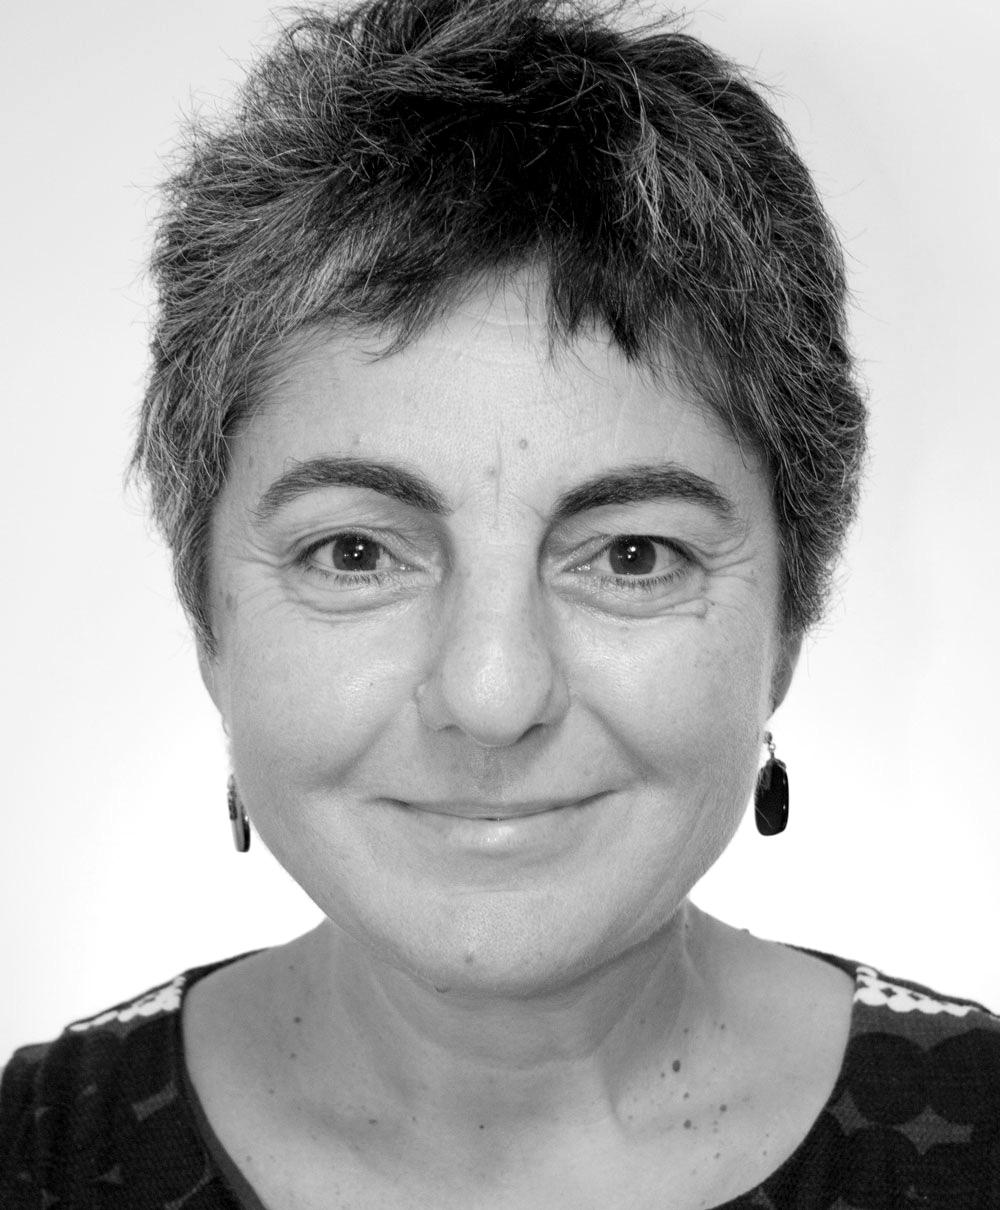 Headshot of Nanette Shahinian